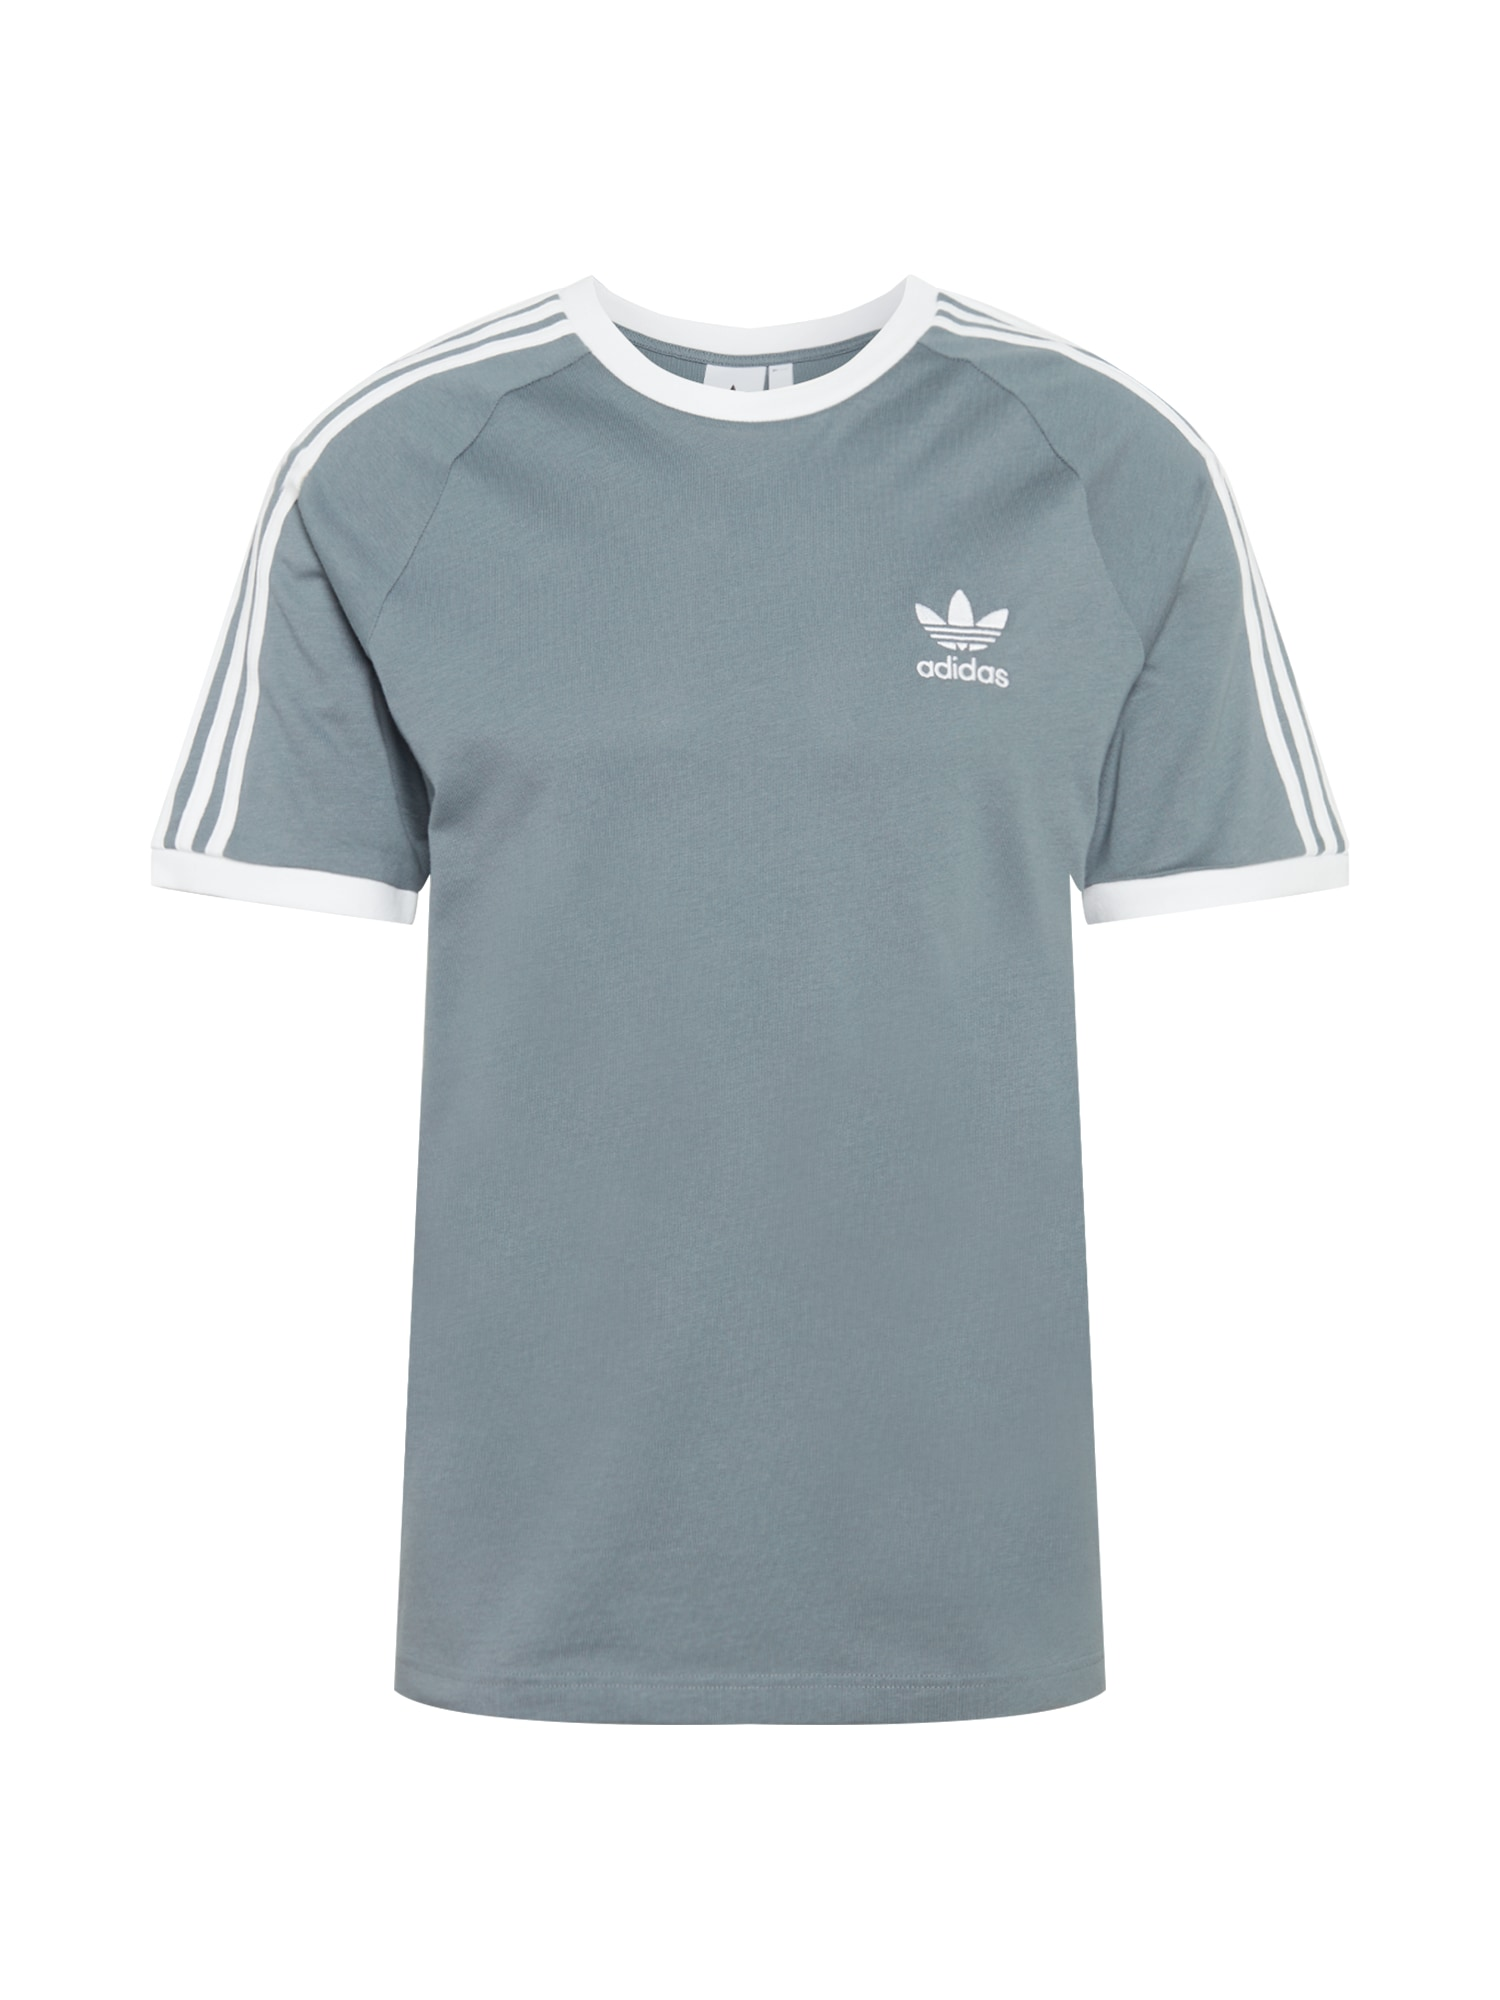 ADIDAS ORIGINALS Marškinėliai balta / pastelinė mėlyna